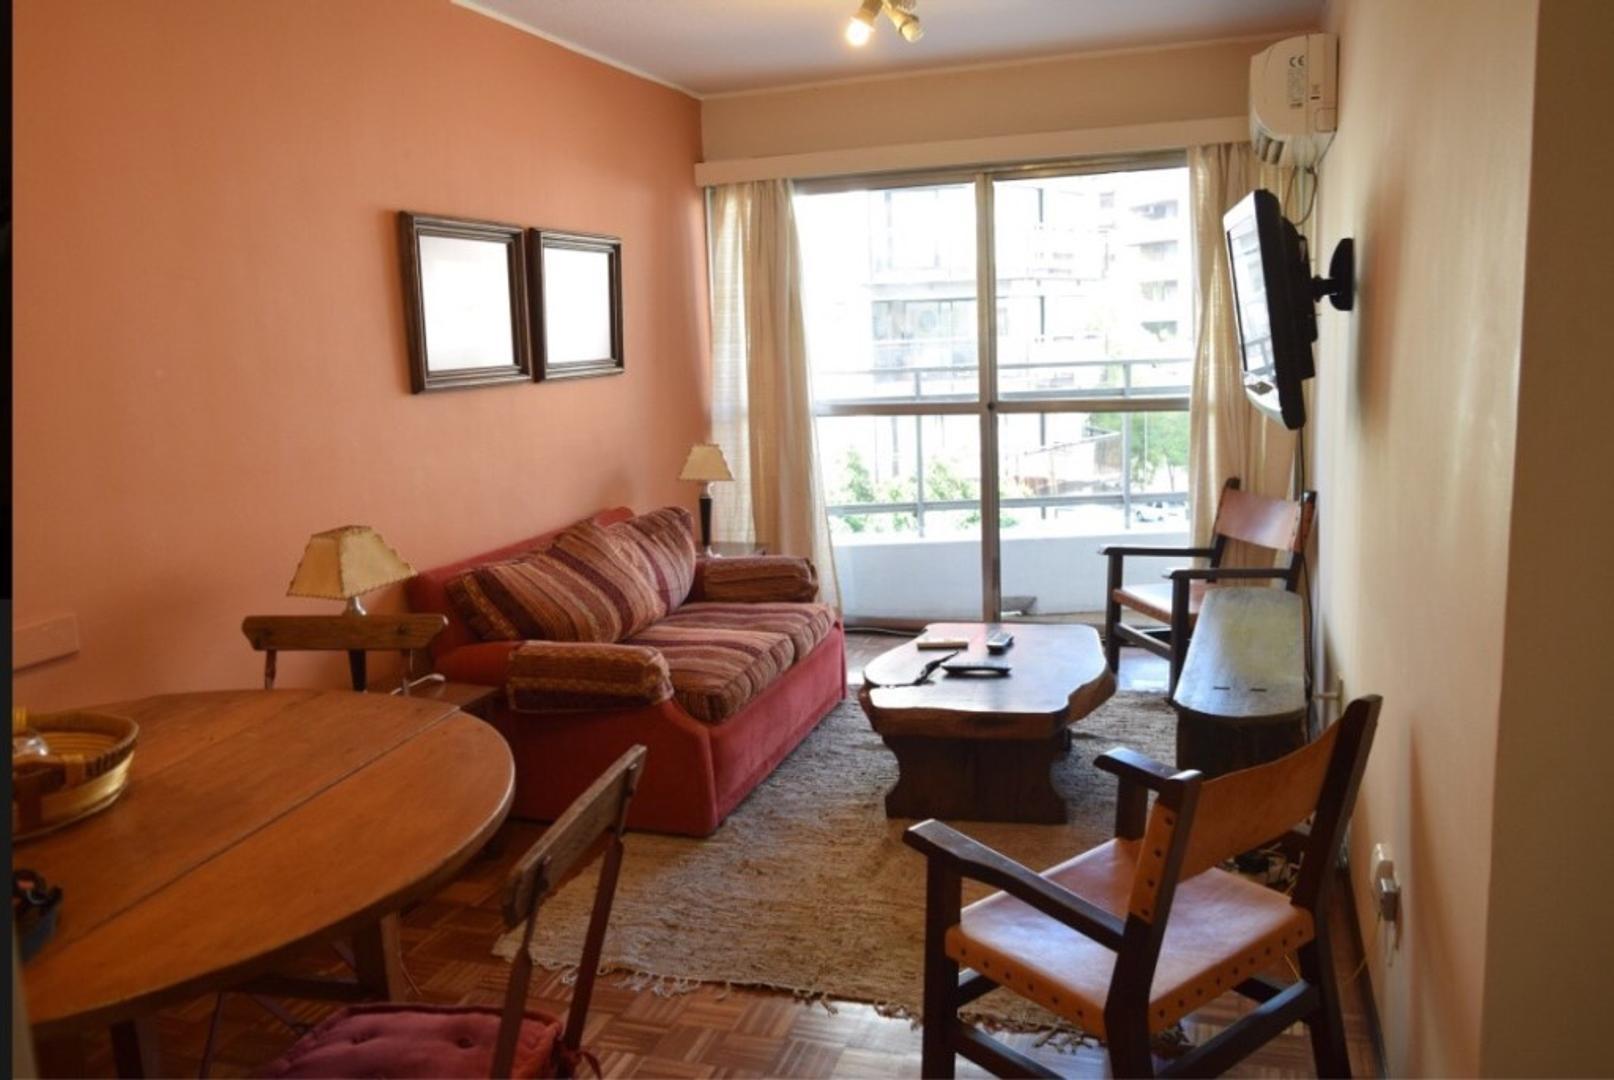 XINTEL(ABP-ABP-3529) Departamento - Alquiler - Uruguay, Montevideo - CAVIA LUIS  AL 3000